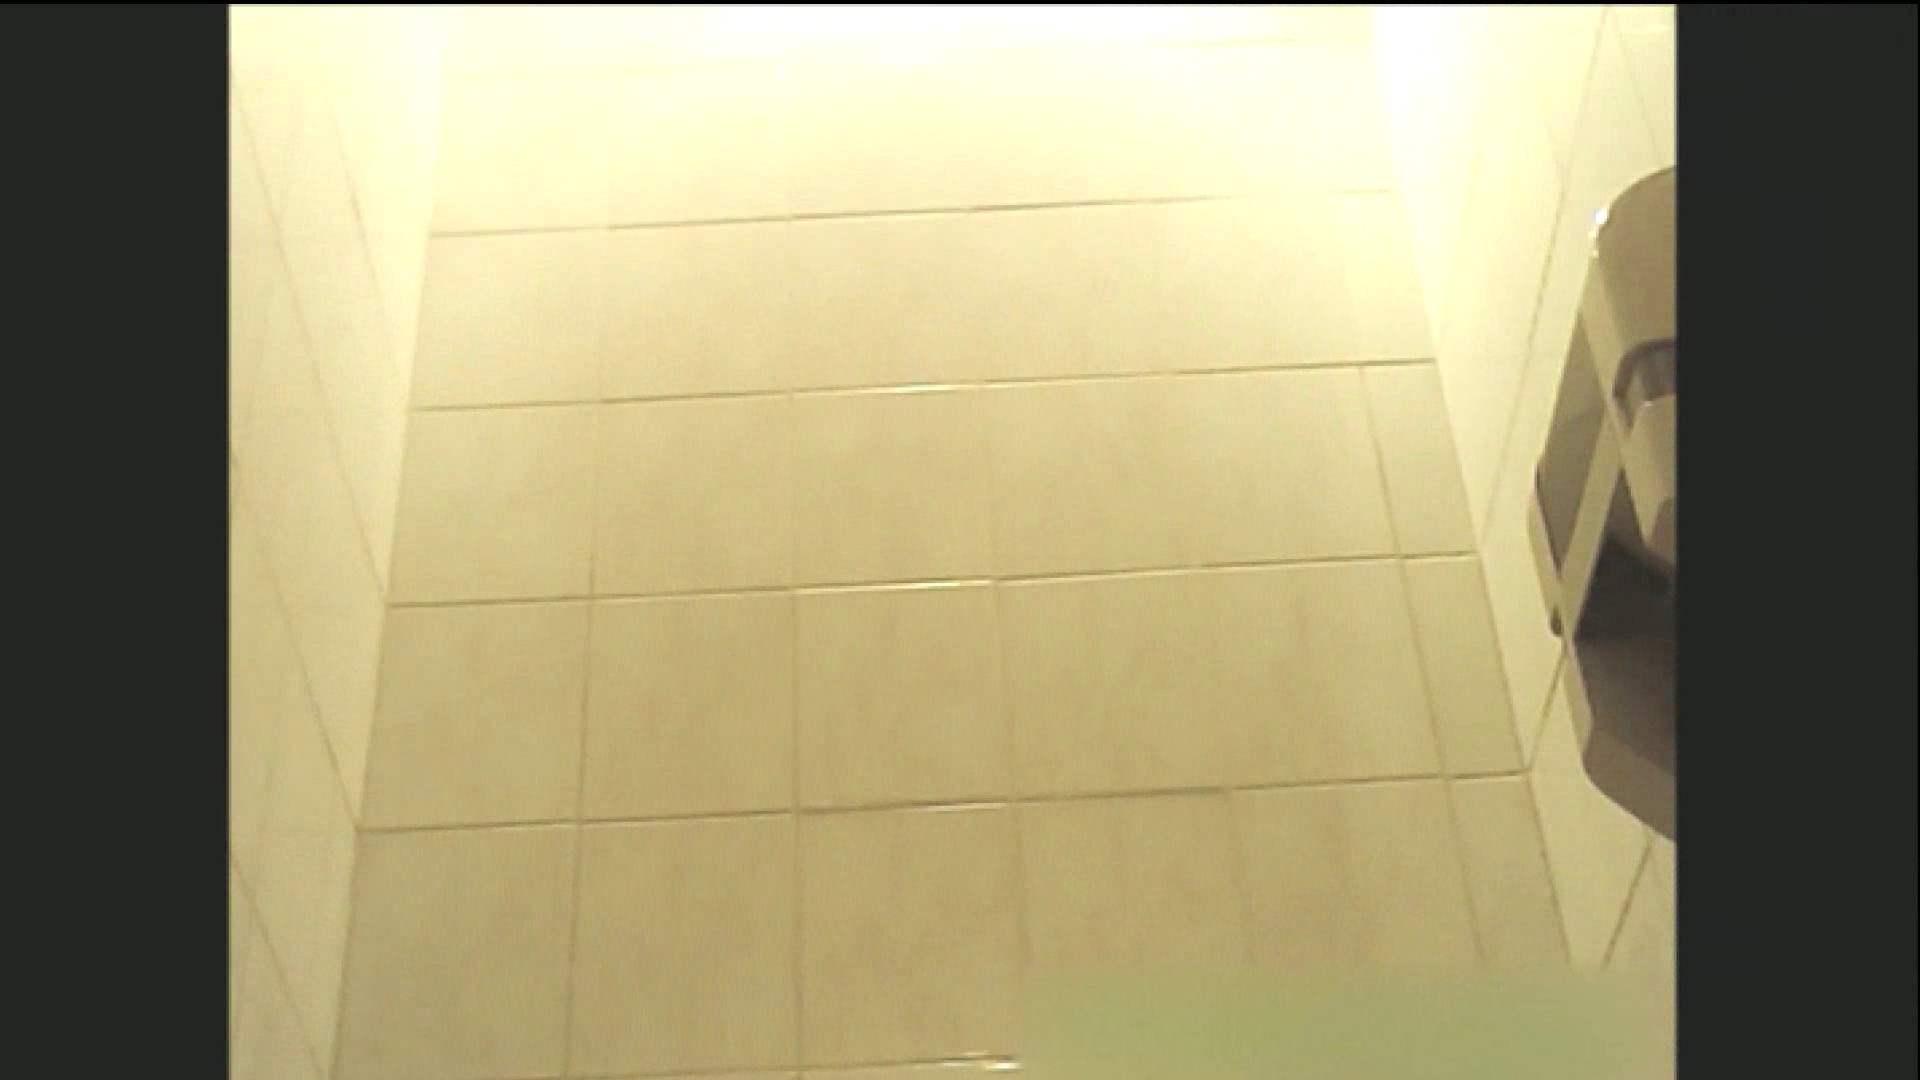 実録!!綺麗なお姉さんのトイレ事情・・・。vol.10 お姉さんのヌード オメコ無修正動画無料 92画像 20